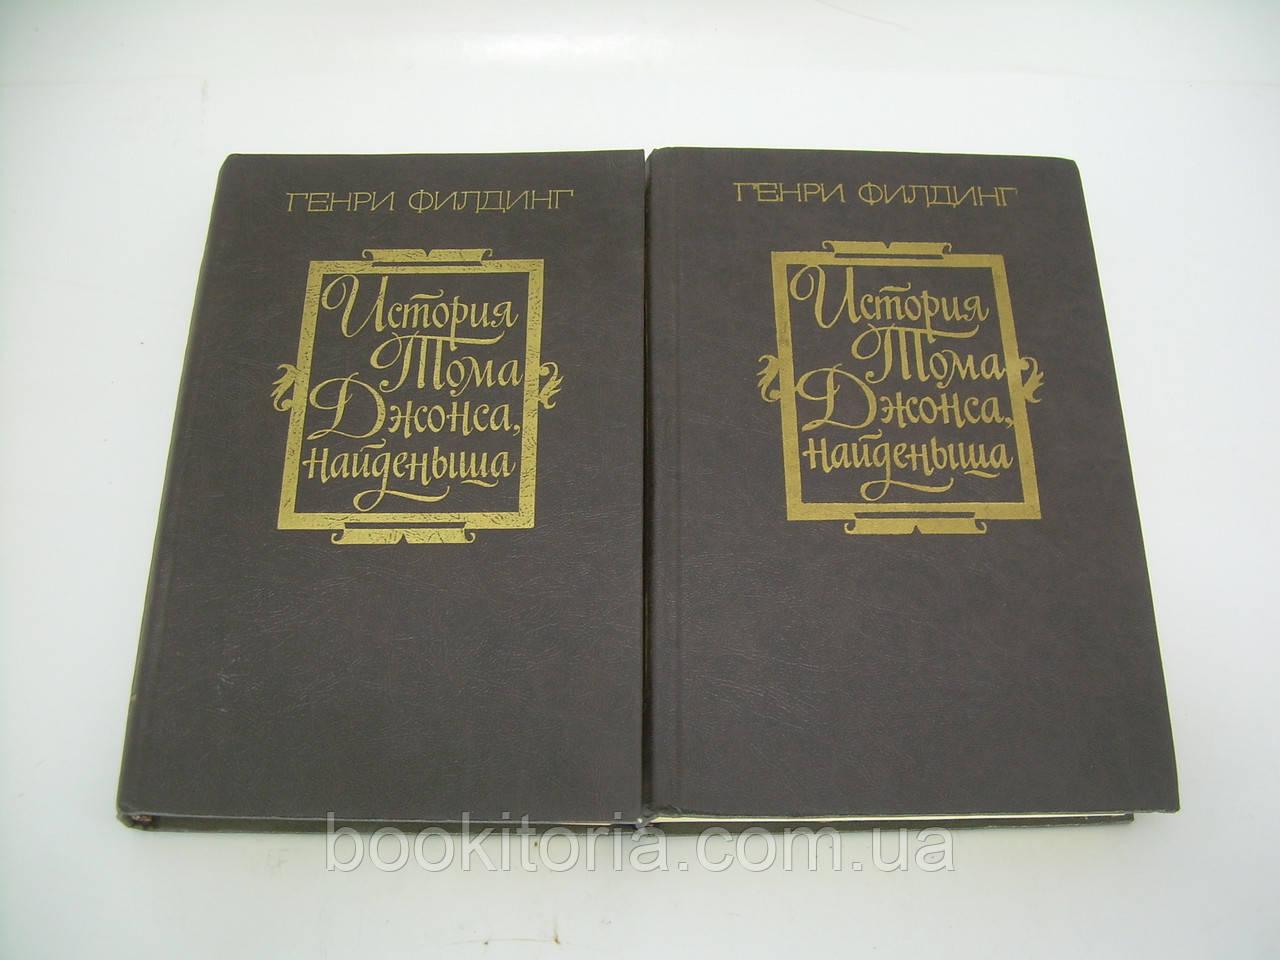 Филдинг Г. История Тома Джонса, найденыша. В двух томах (б/у).